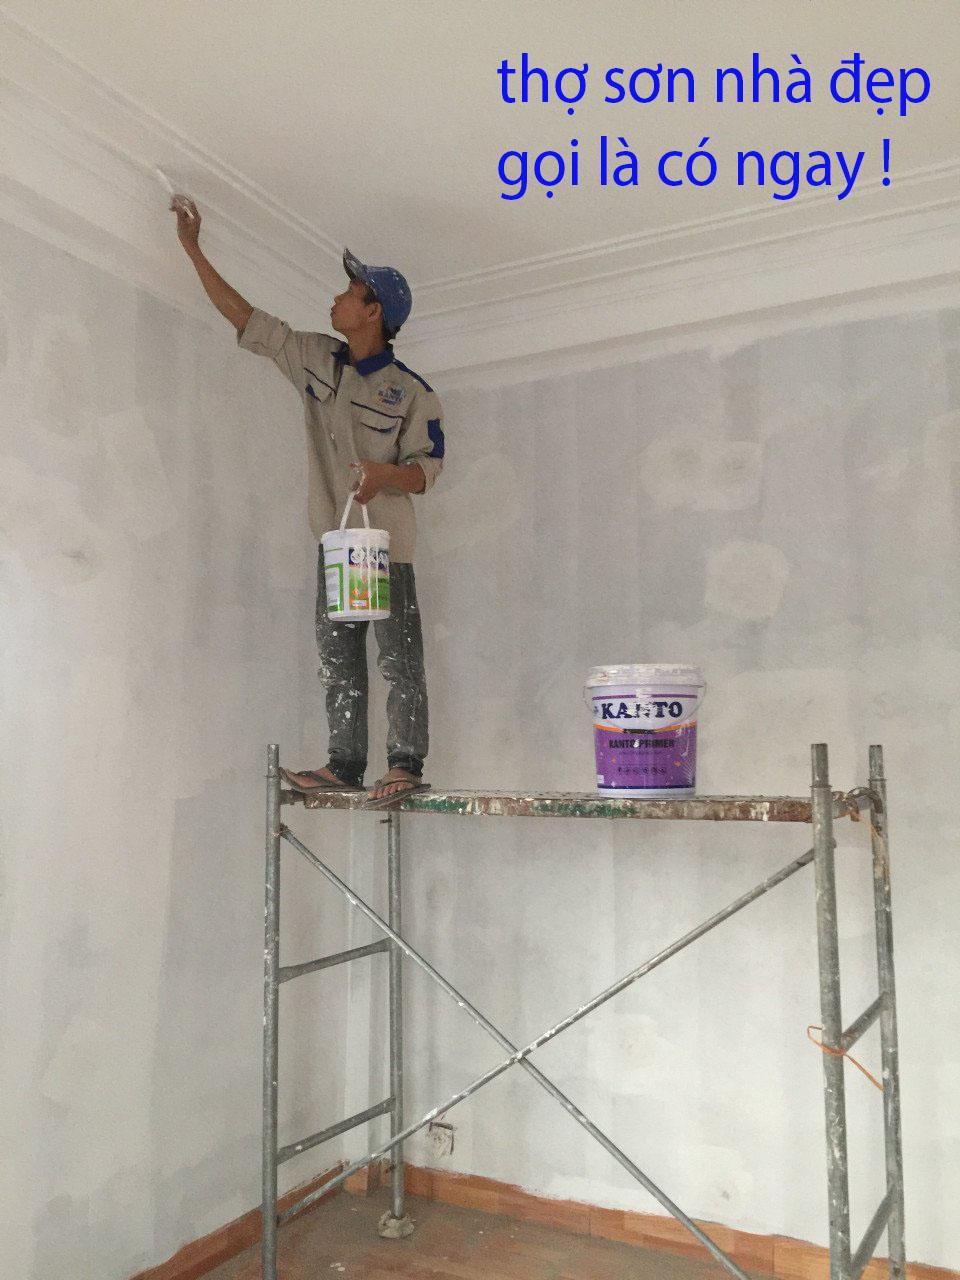 thợ sơn nhà tại xa la